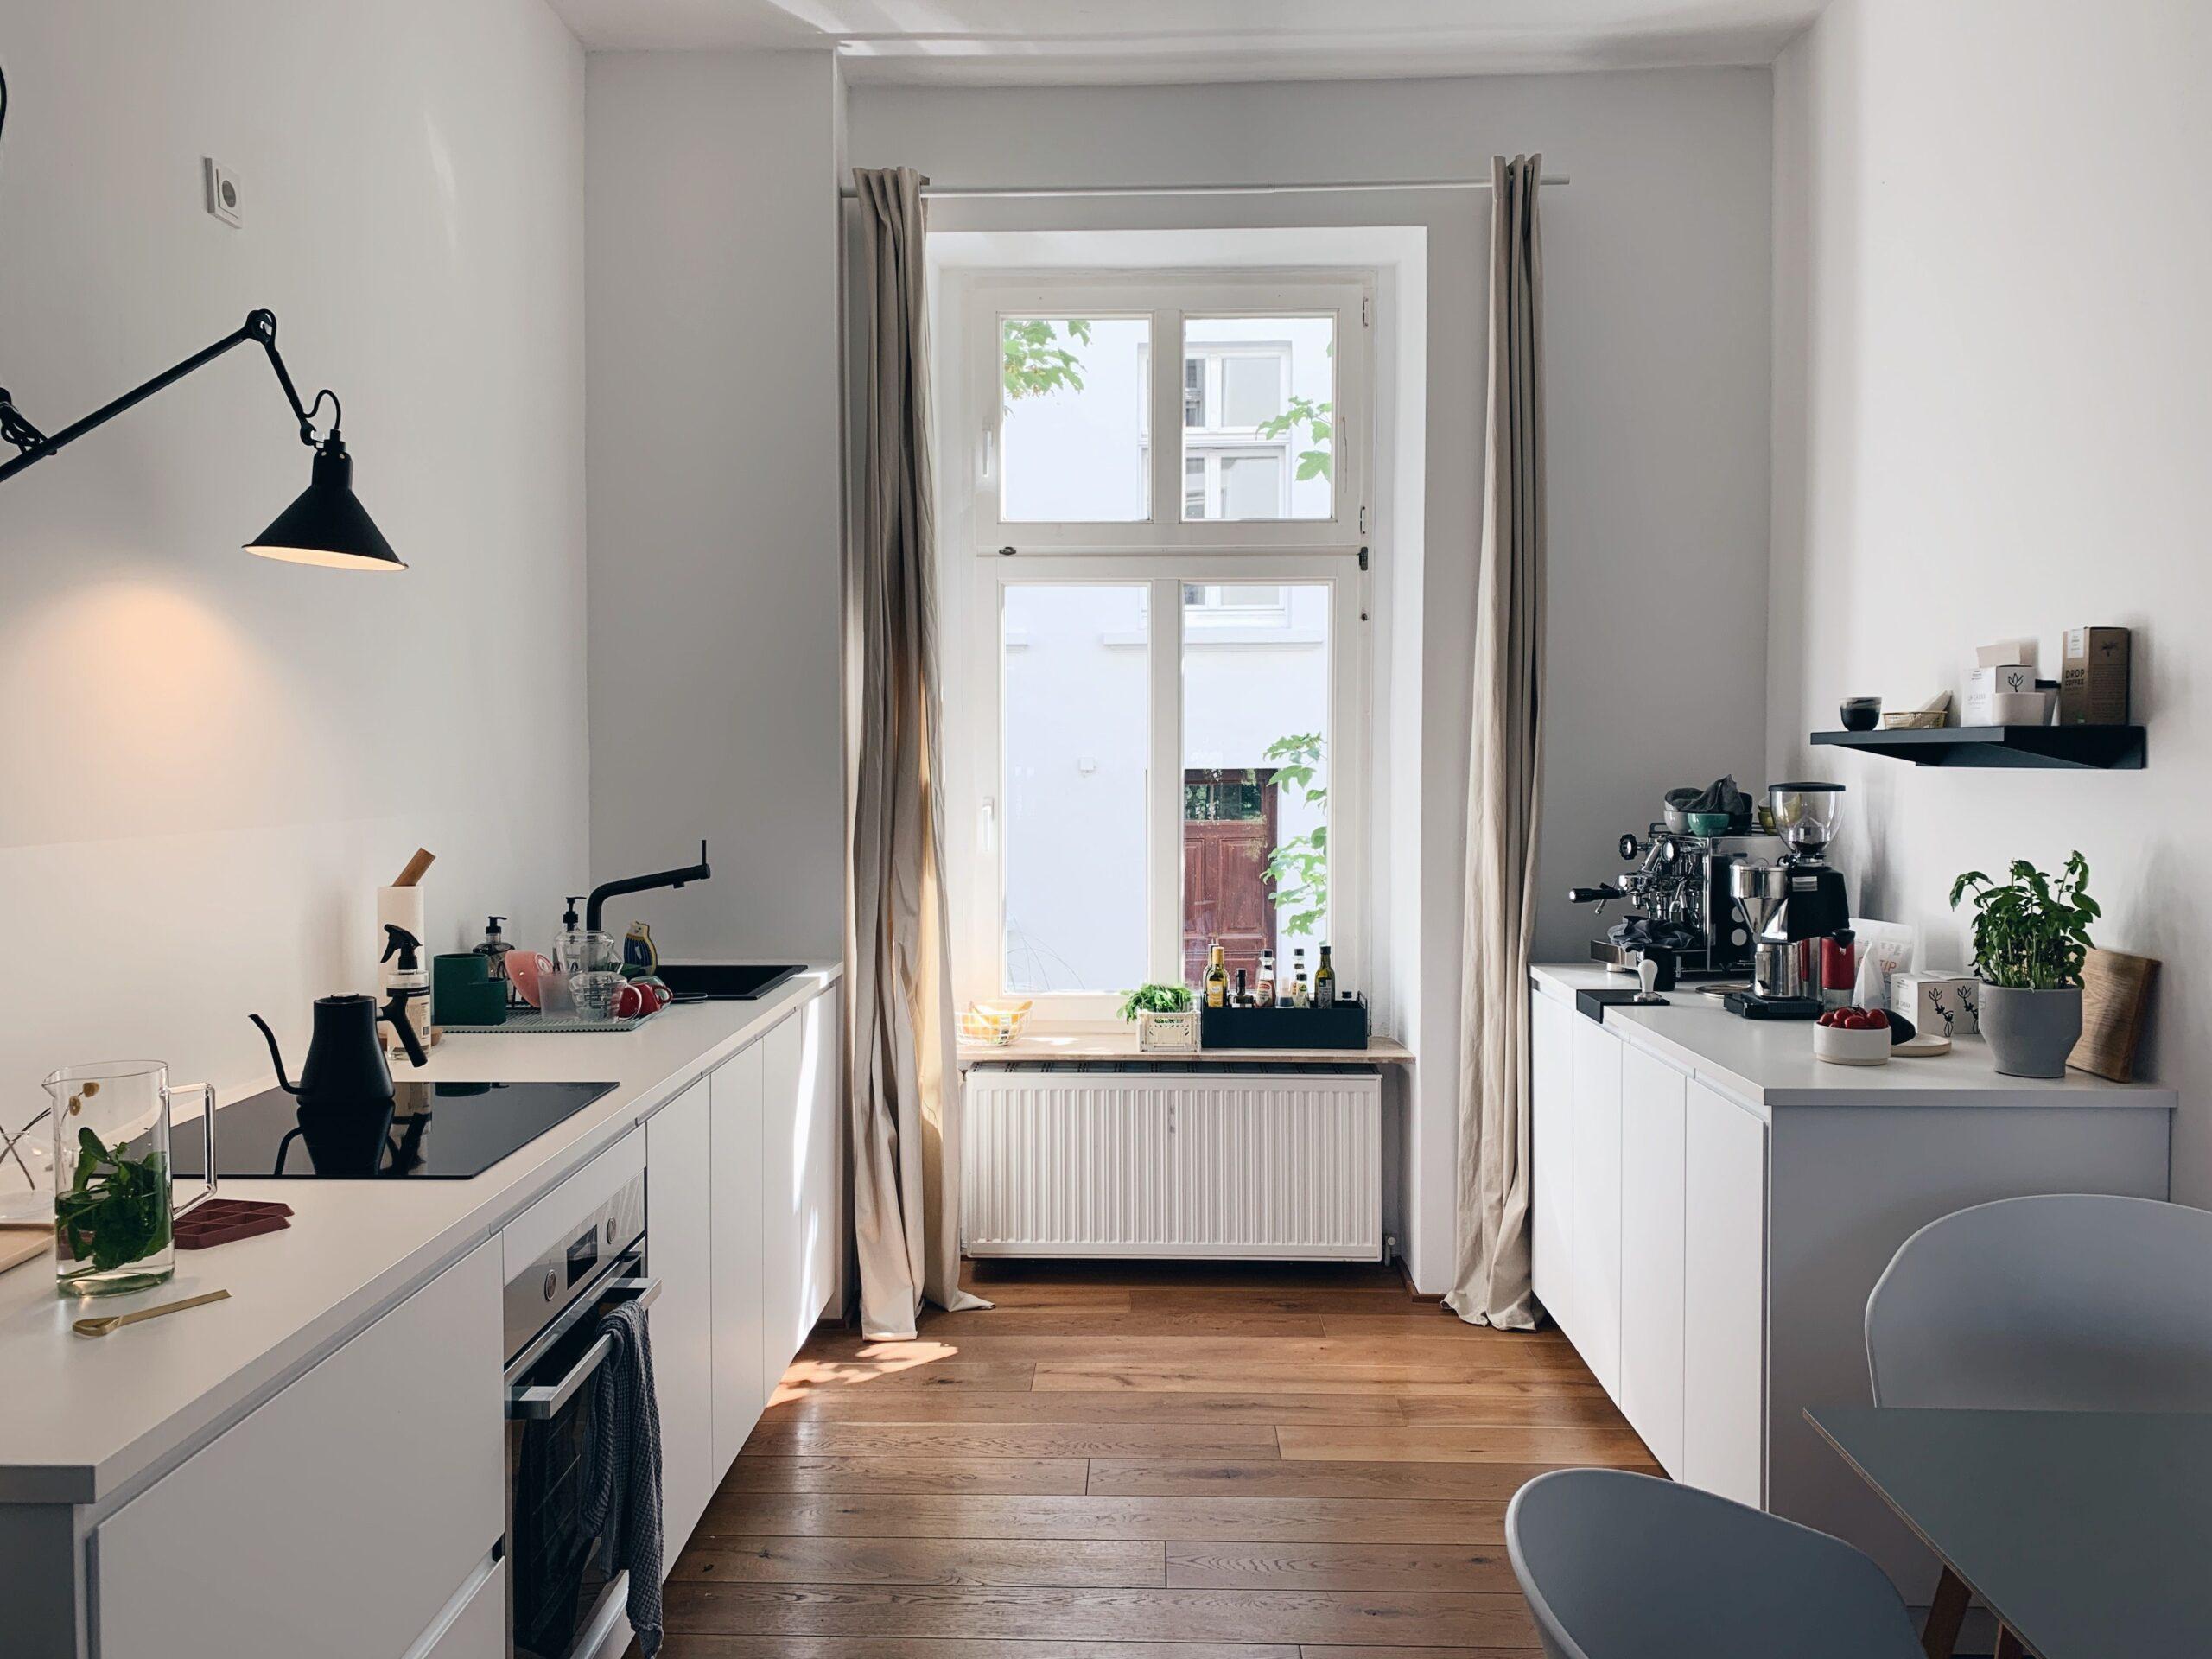 Full Size of Kche Ikea Voxtorp Haus Sofa Grau Leder Graues Stoff Regal Bett Weiß 3 Sitzer Big Landhausküche Esstisch 3er Küche Hochglanz 2er Chesterfield Xxl Wohnzimmer Voxtorp Grau